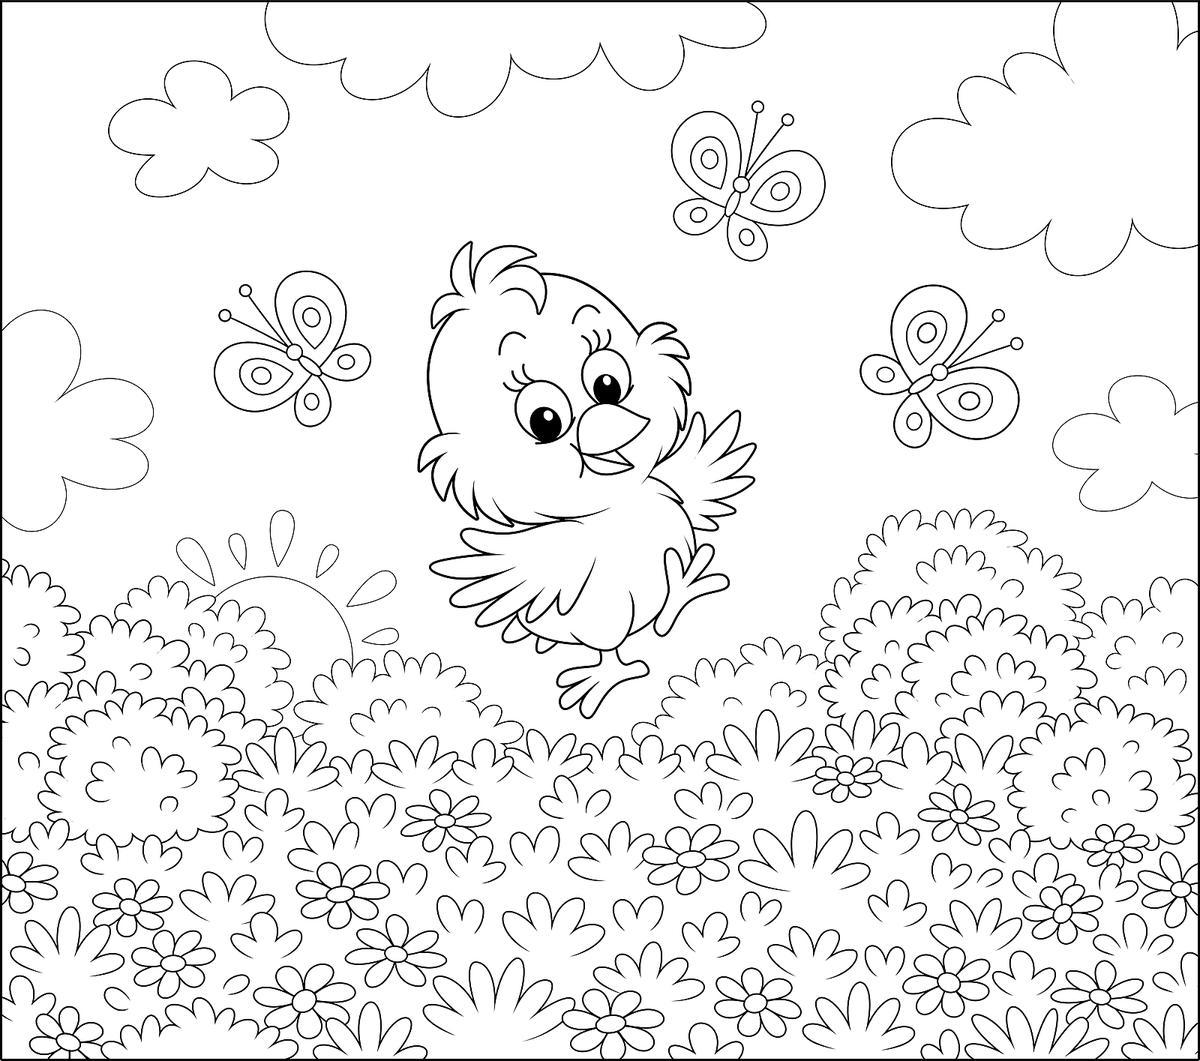 Tranh tô màu con chim đẹp, dễ thương